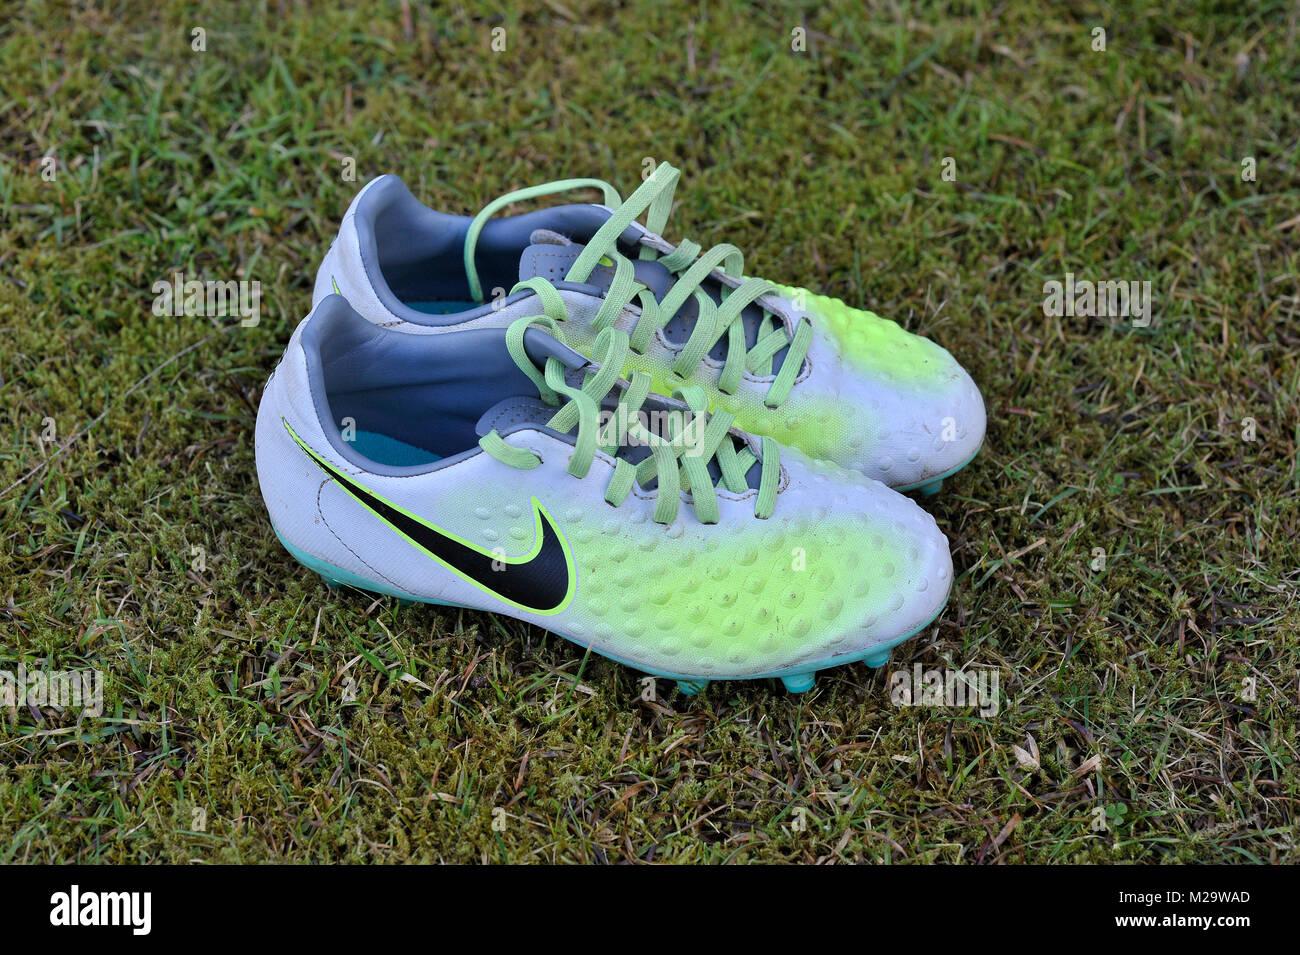 Bambini scarpe da calcio Foto & Immagine Stock: 173550453